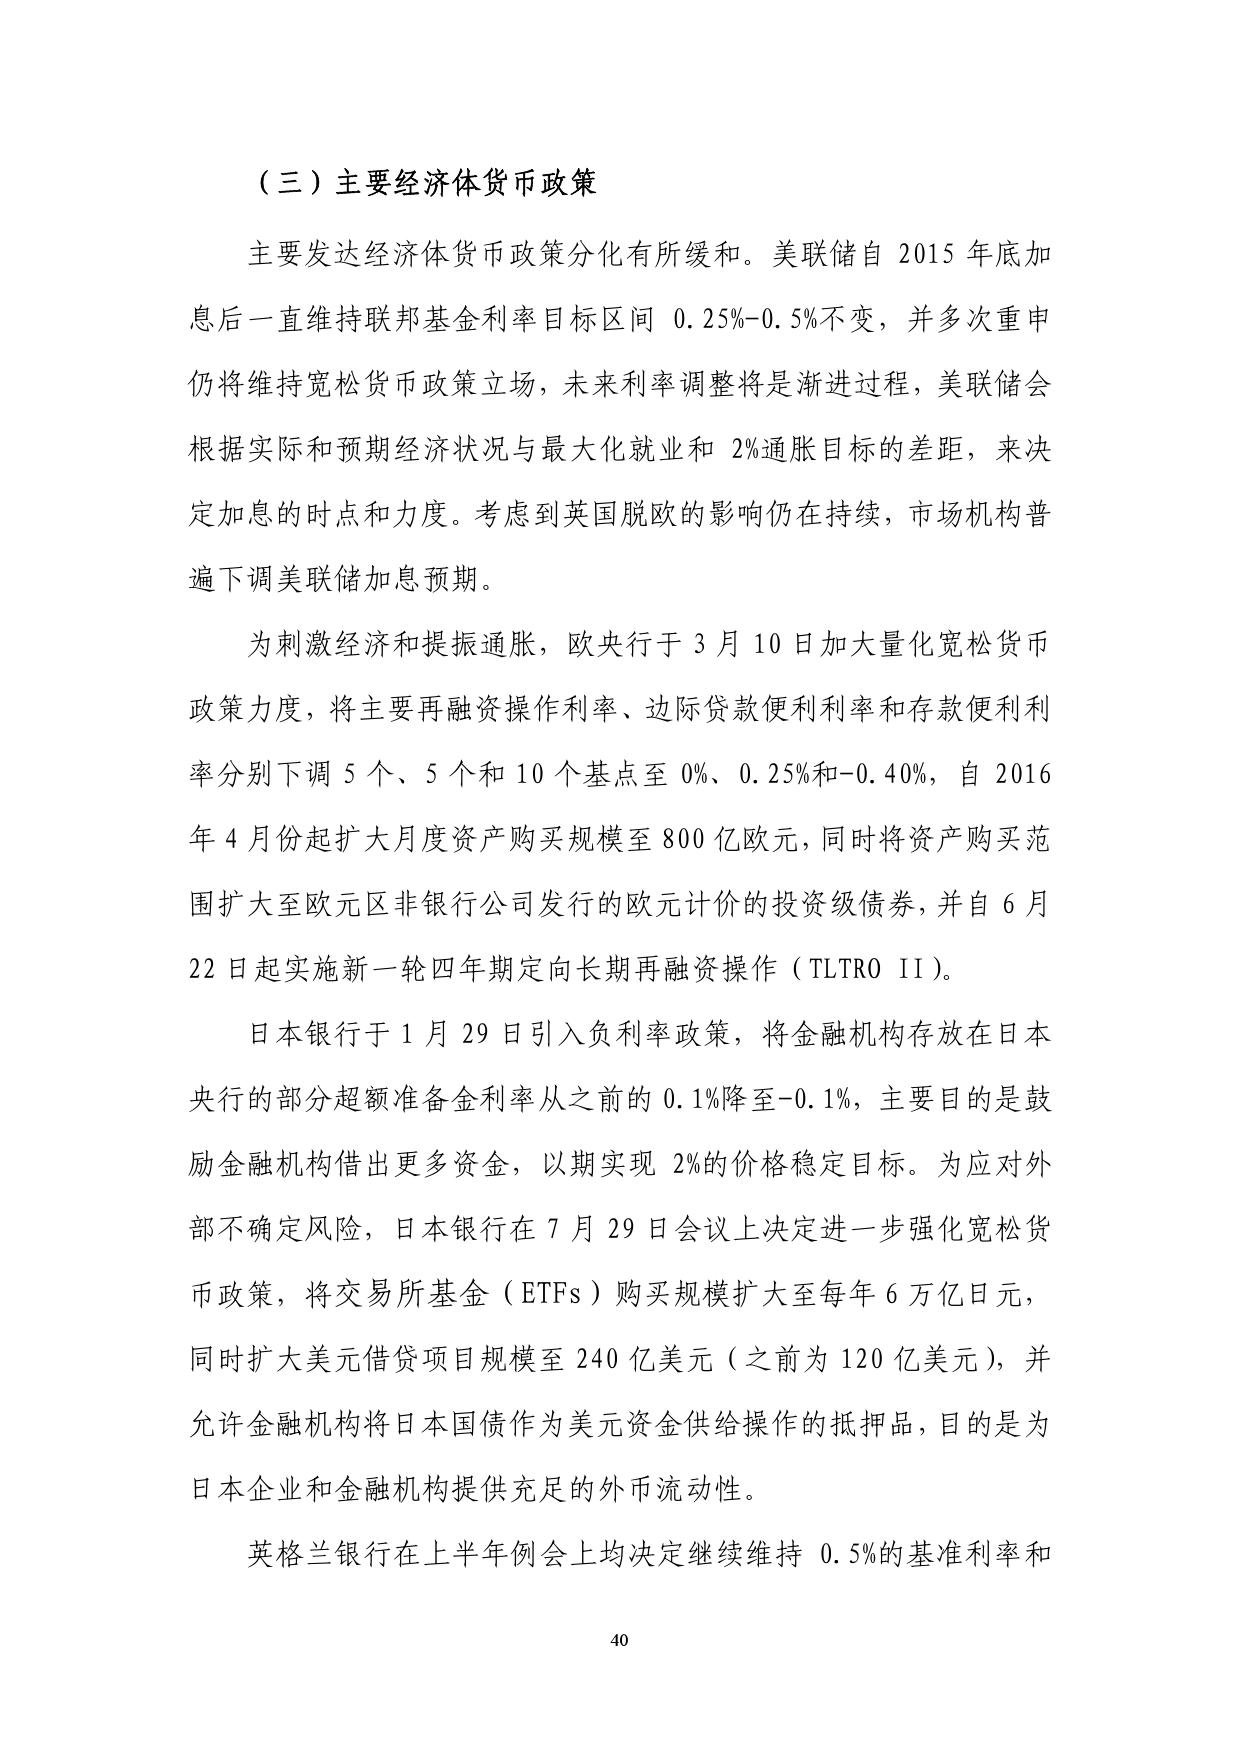 2016年Q2中国货币政策执行报告_000046